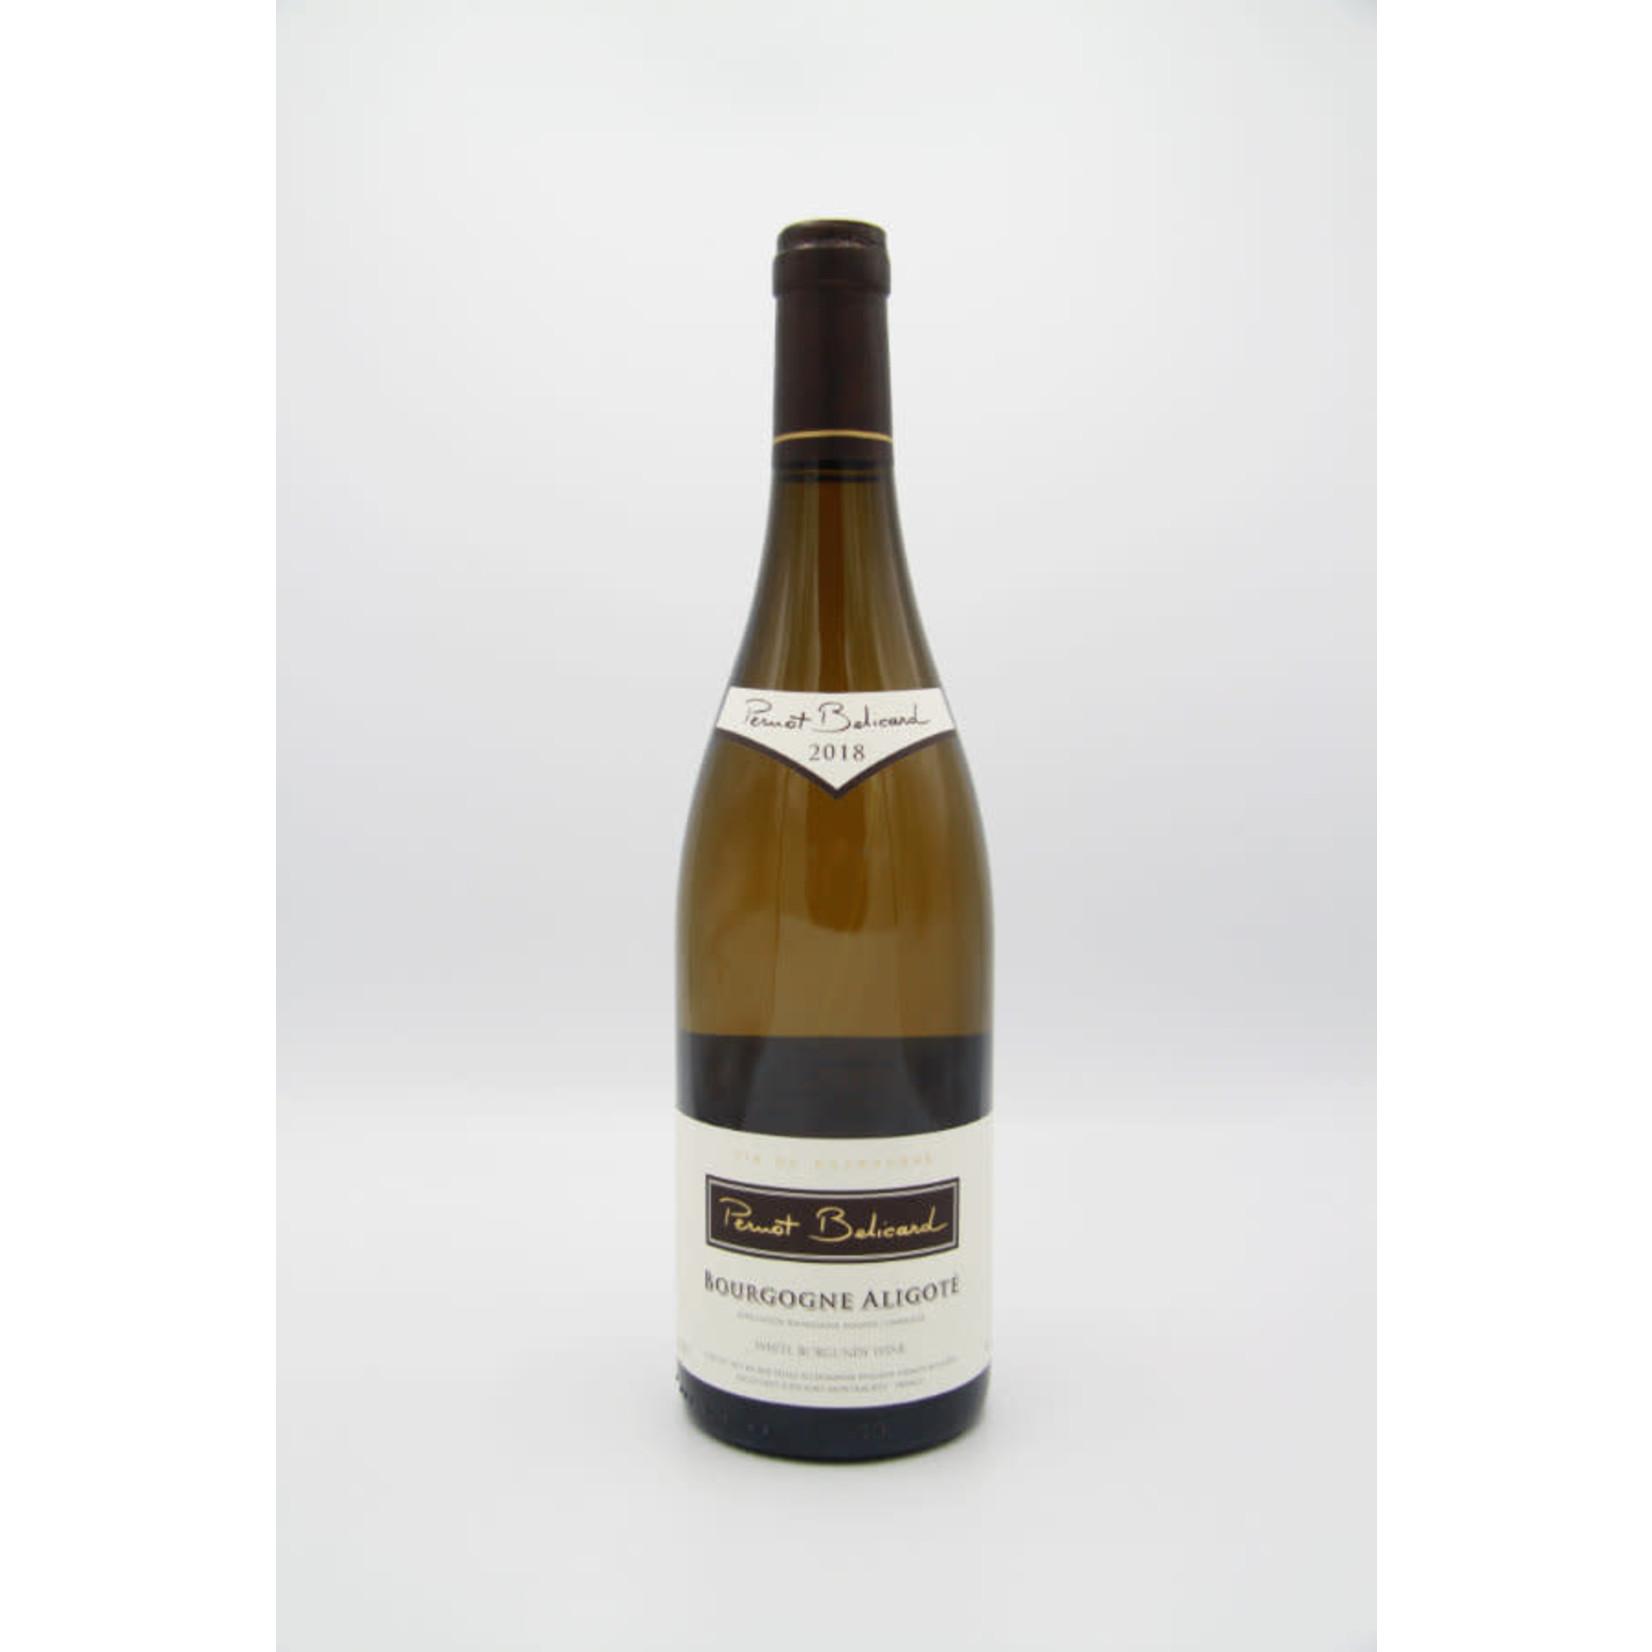 2018 Pernot-Belicard Bourgogne Aligoté